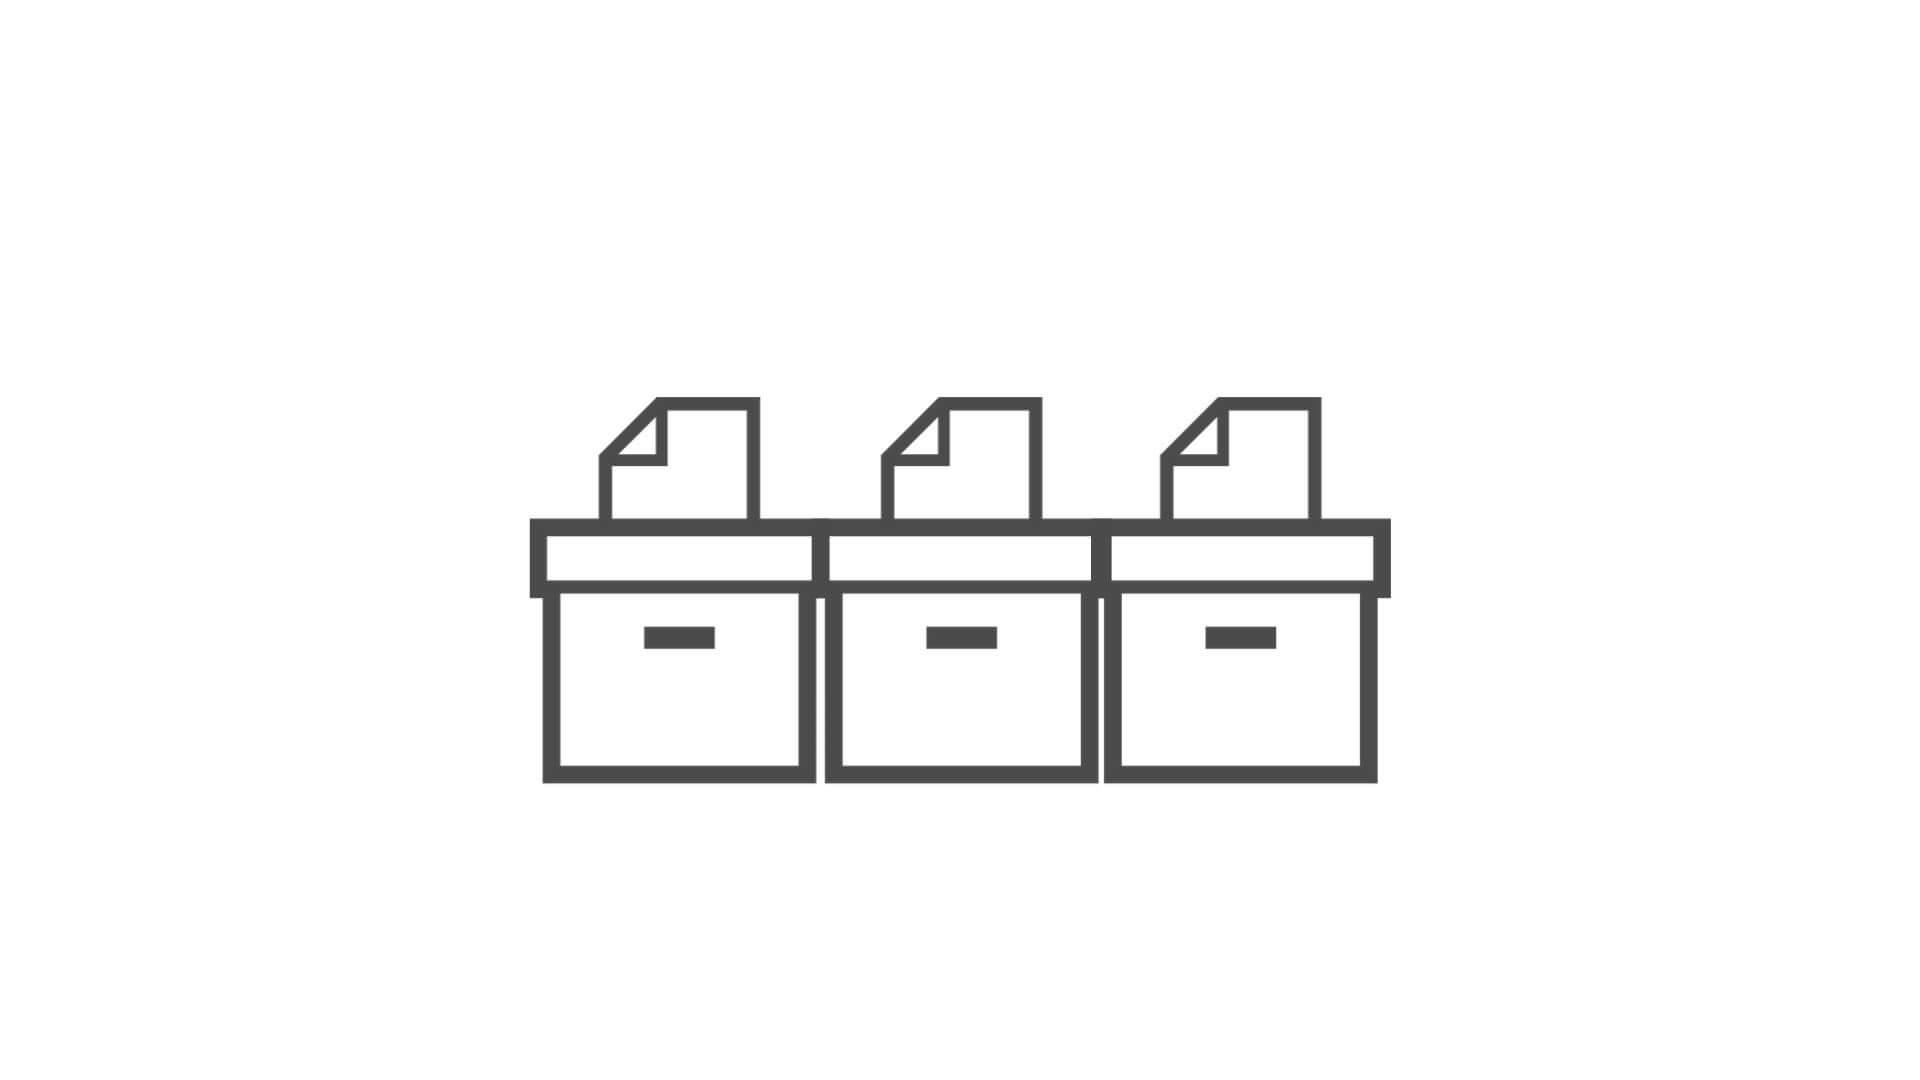 Ruby入門|配列の基本について